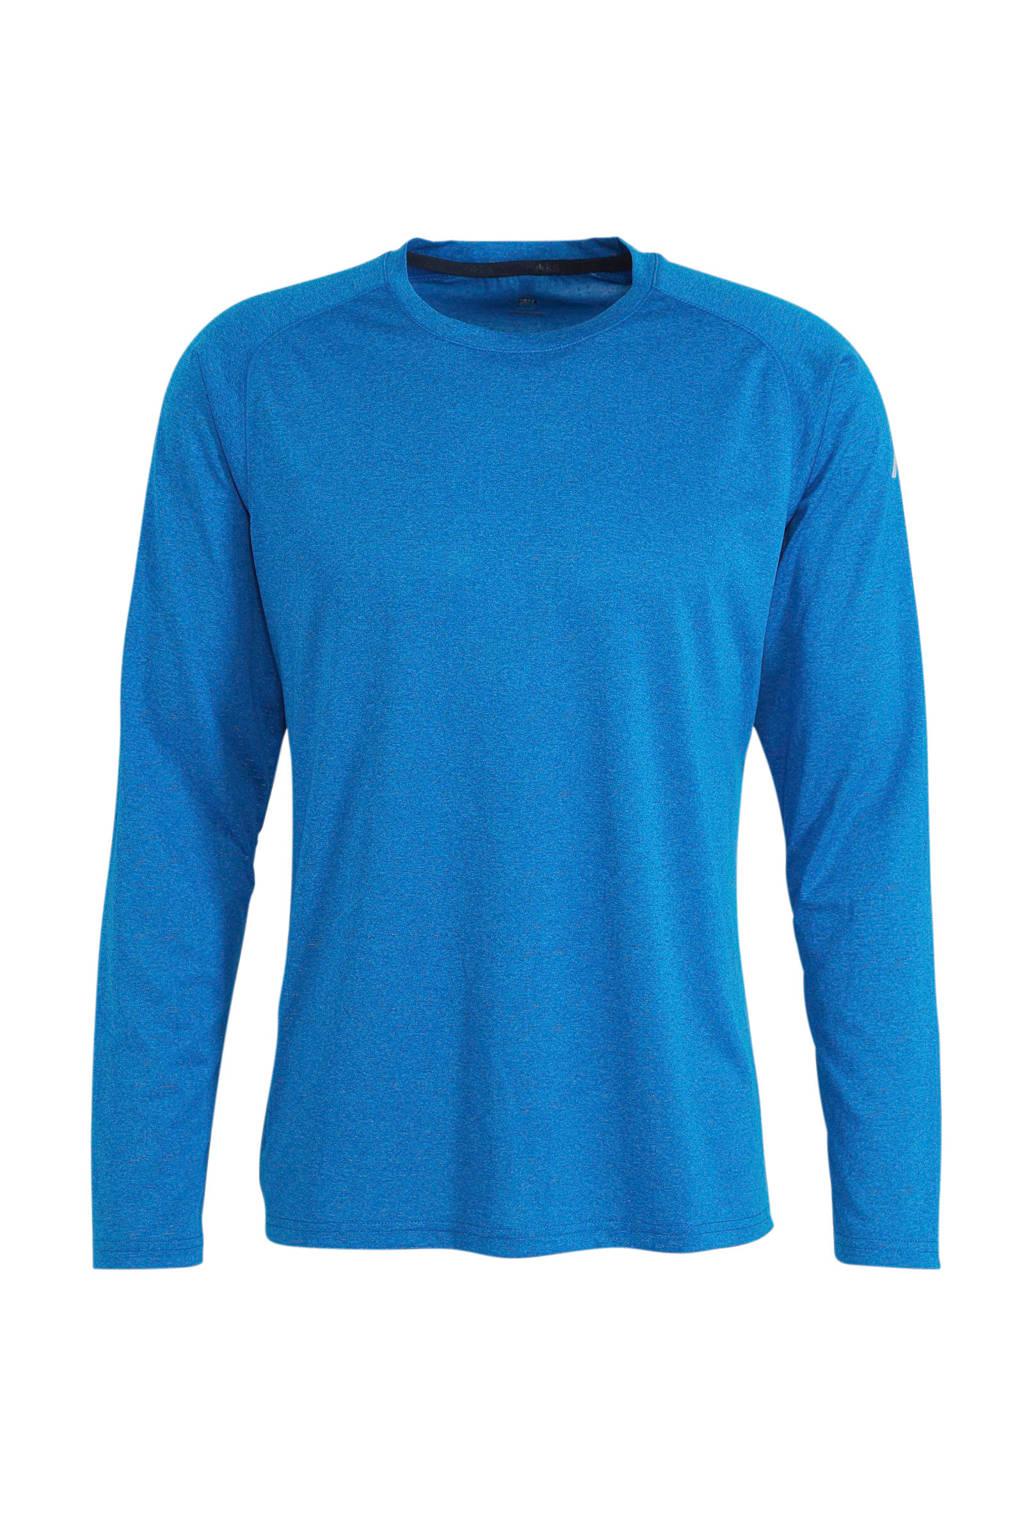 Rukka   hardloopshirt blauw, Blauw